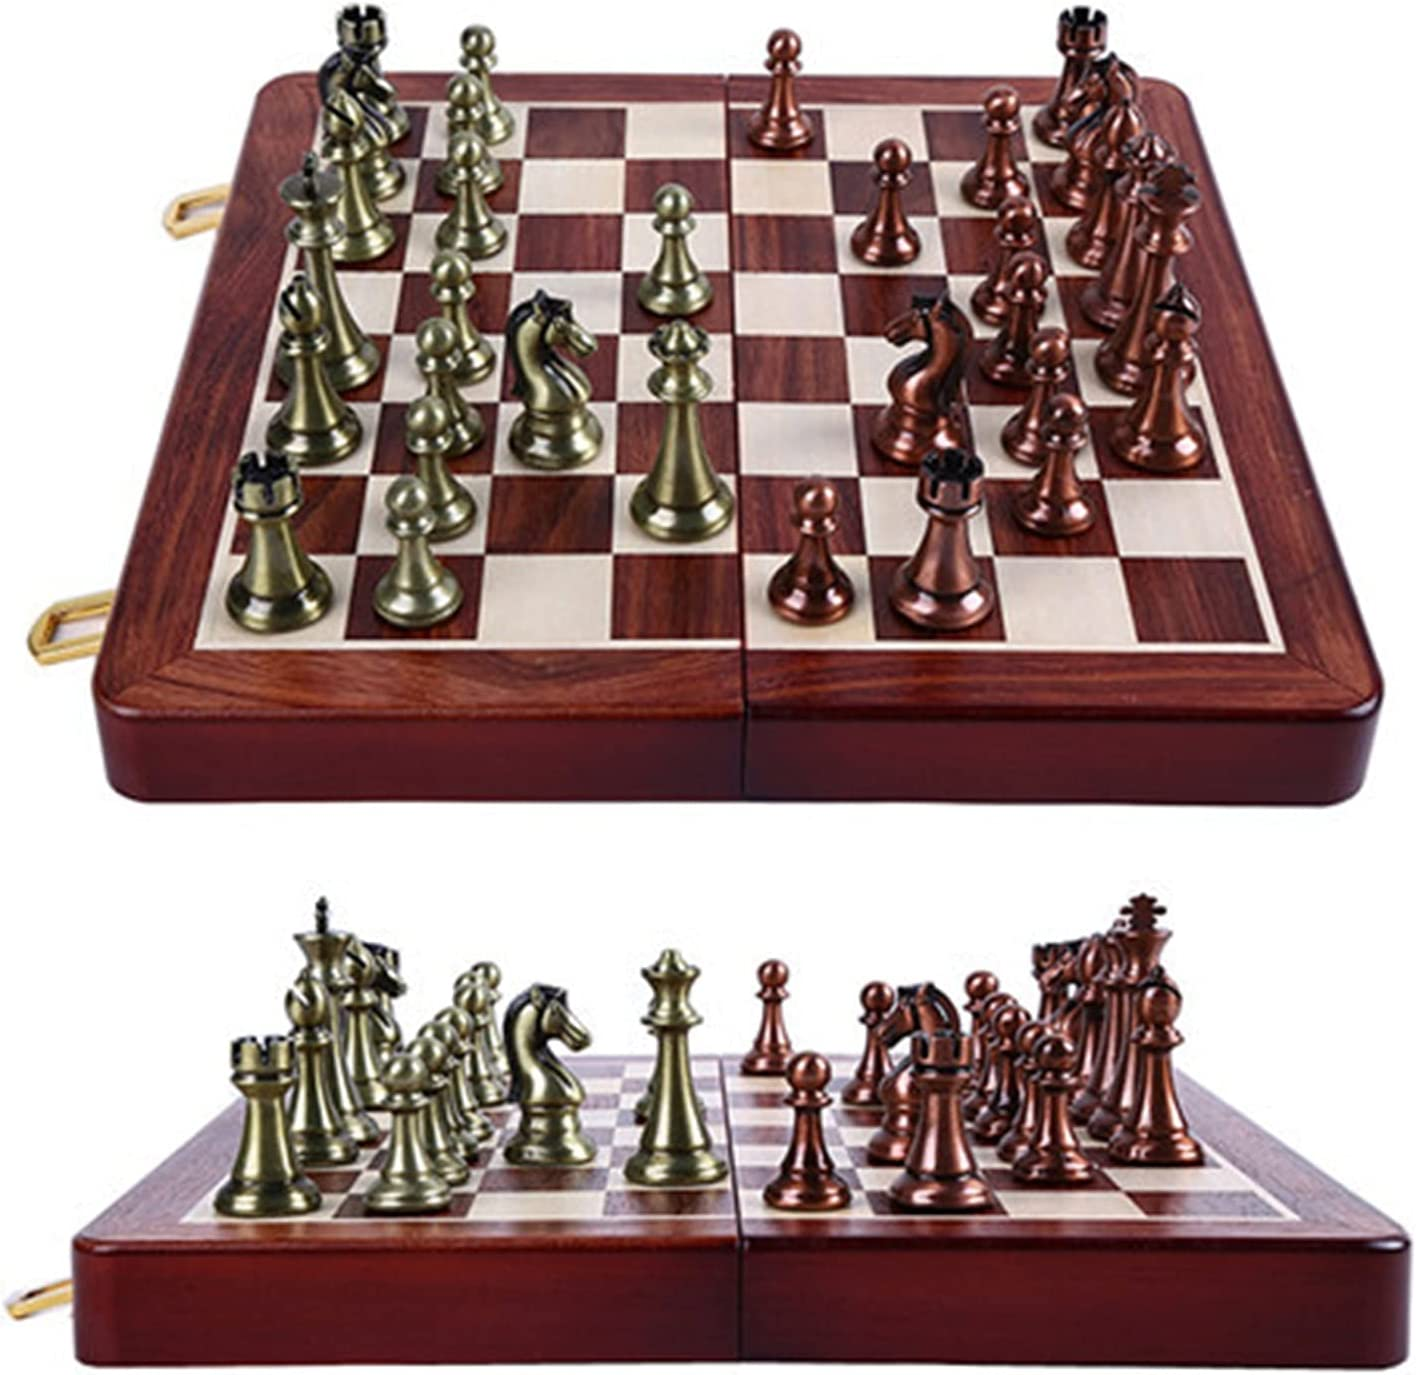 Bidema Chess Set Award Wooden Folding OFFicial store 67mm Chessboard King Height Ches